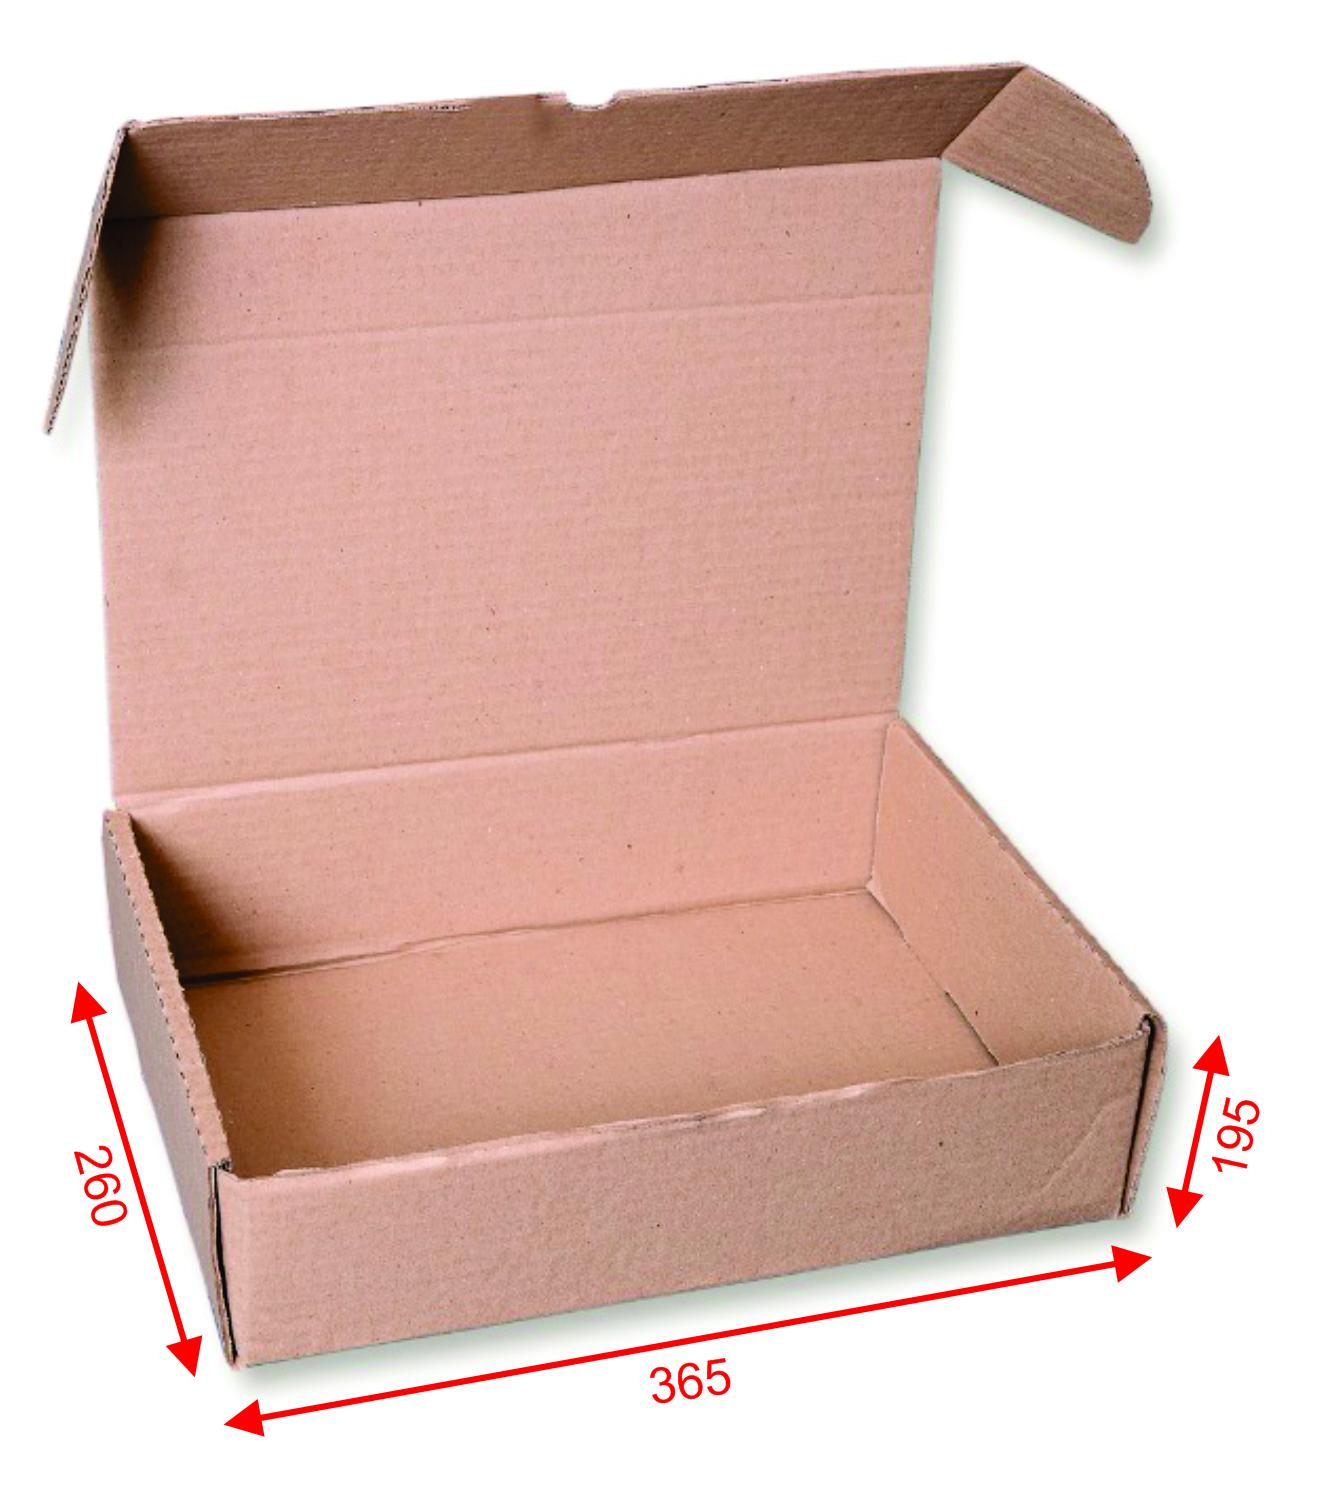 Caixa de Papelão REF: 11501 (Corte Vinco)